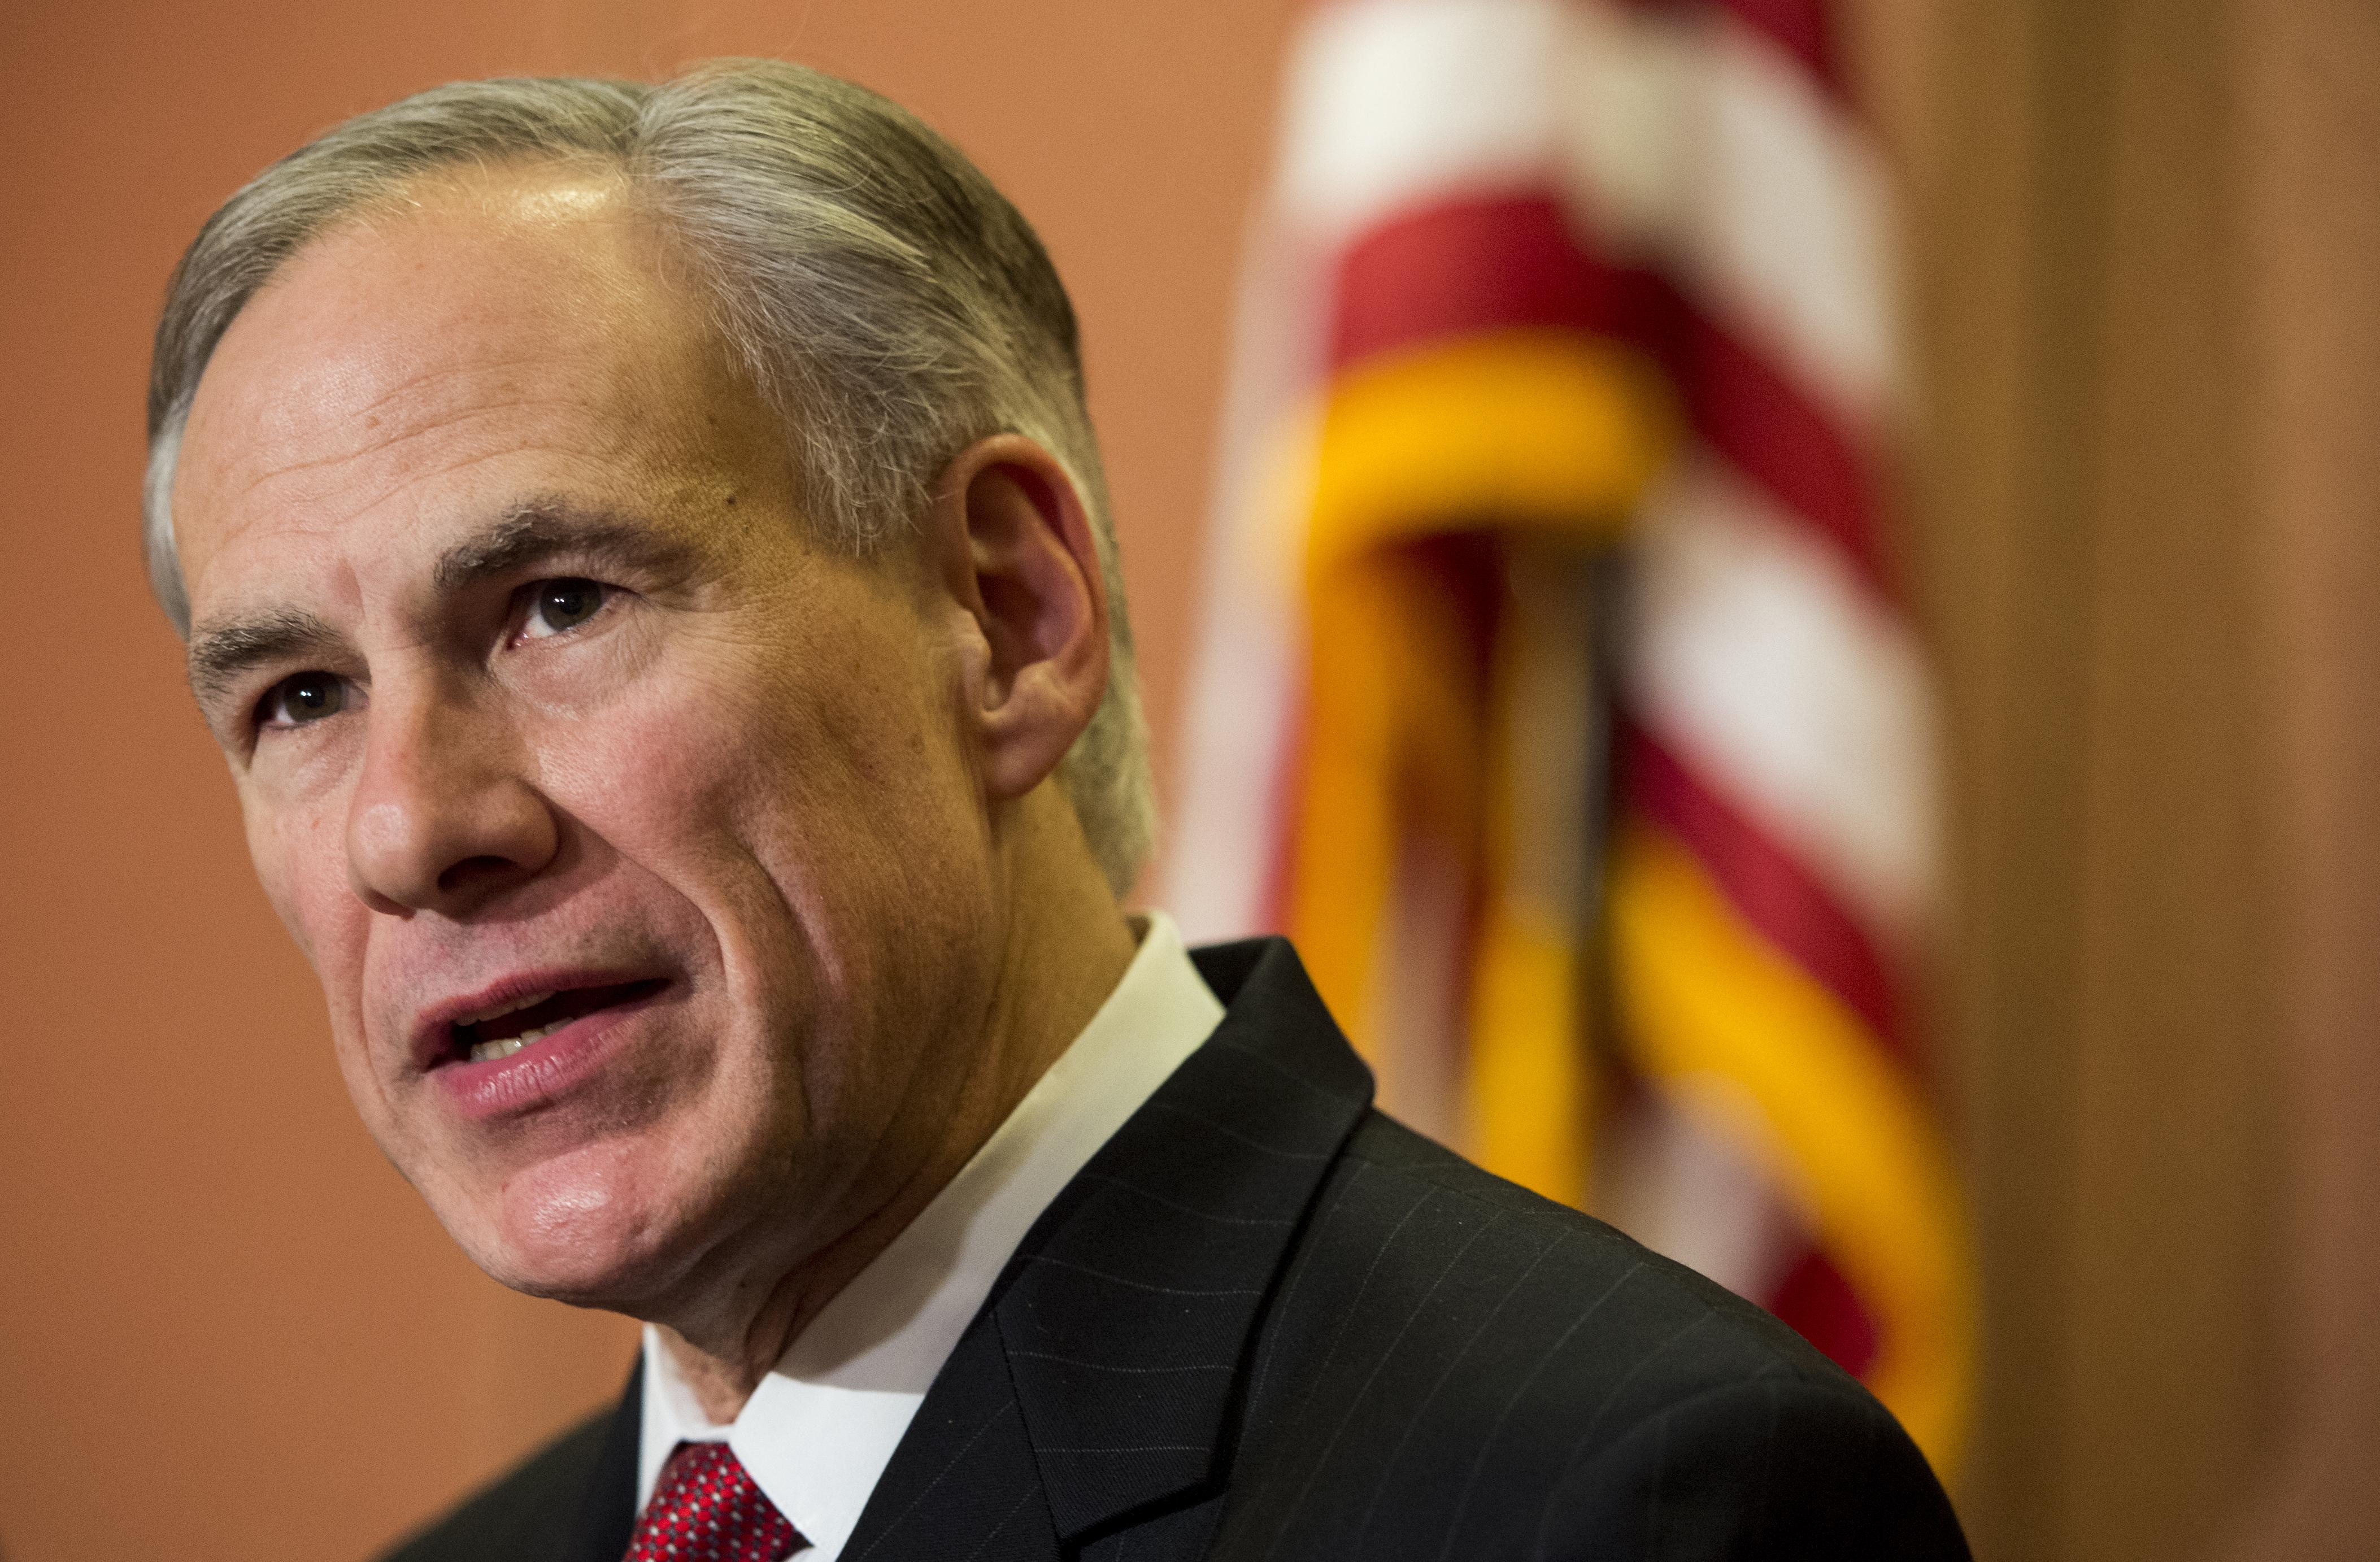 Texas Gov. Greg Abbott in the U.S. Capitol, Dec. 8, 2015.